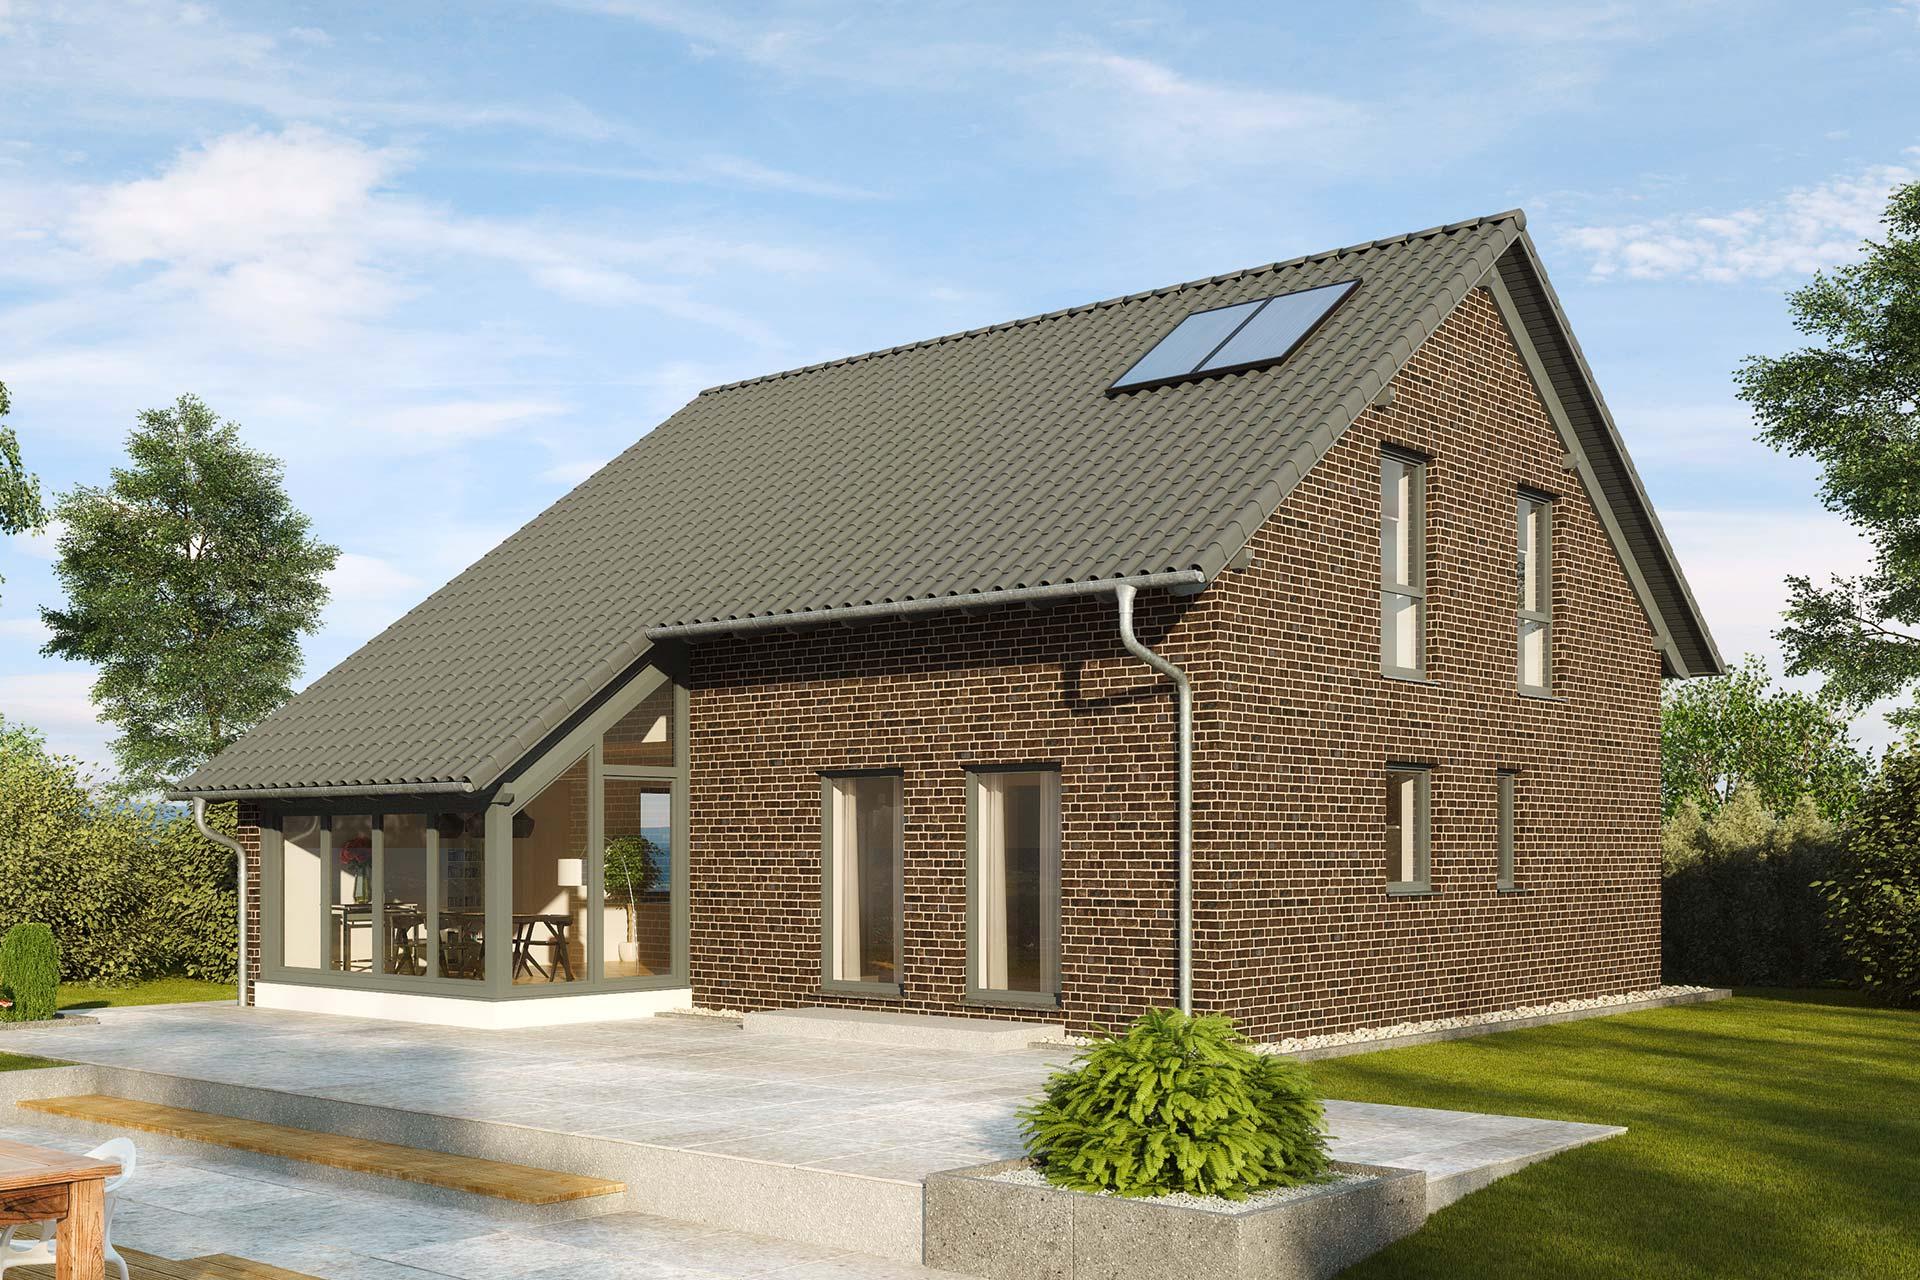 Einfamilienhaus guenstig bauen - Buchenallee Variante 2 - mit ...